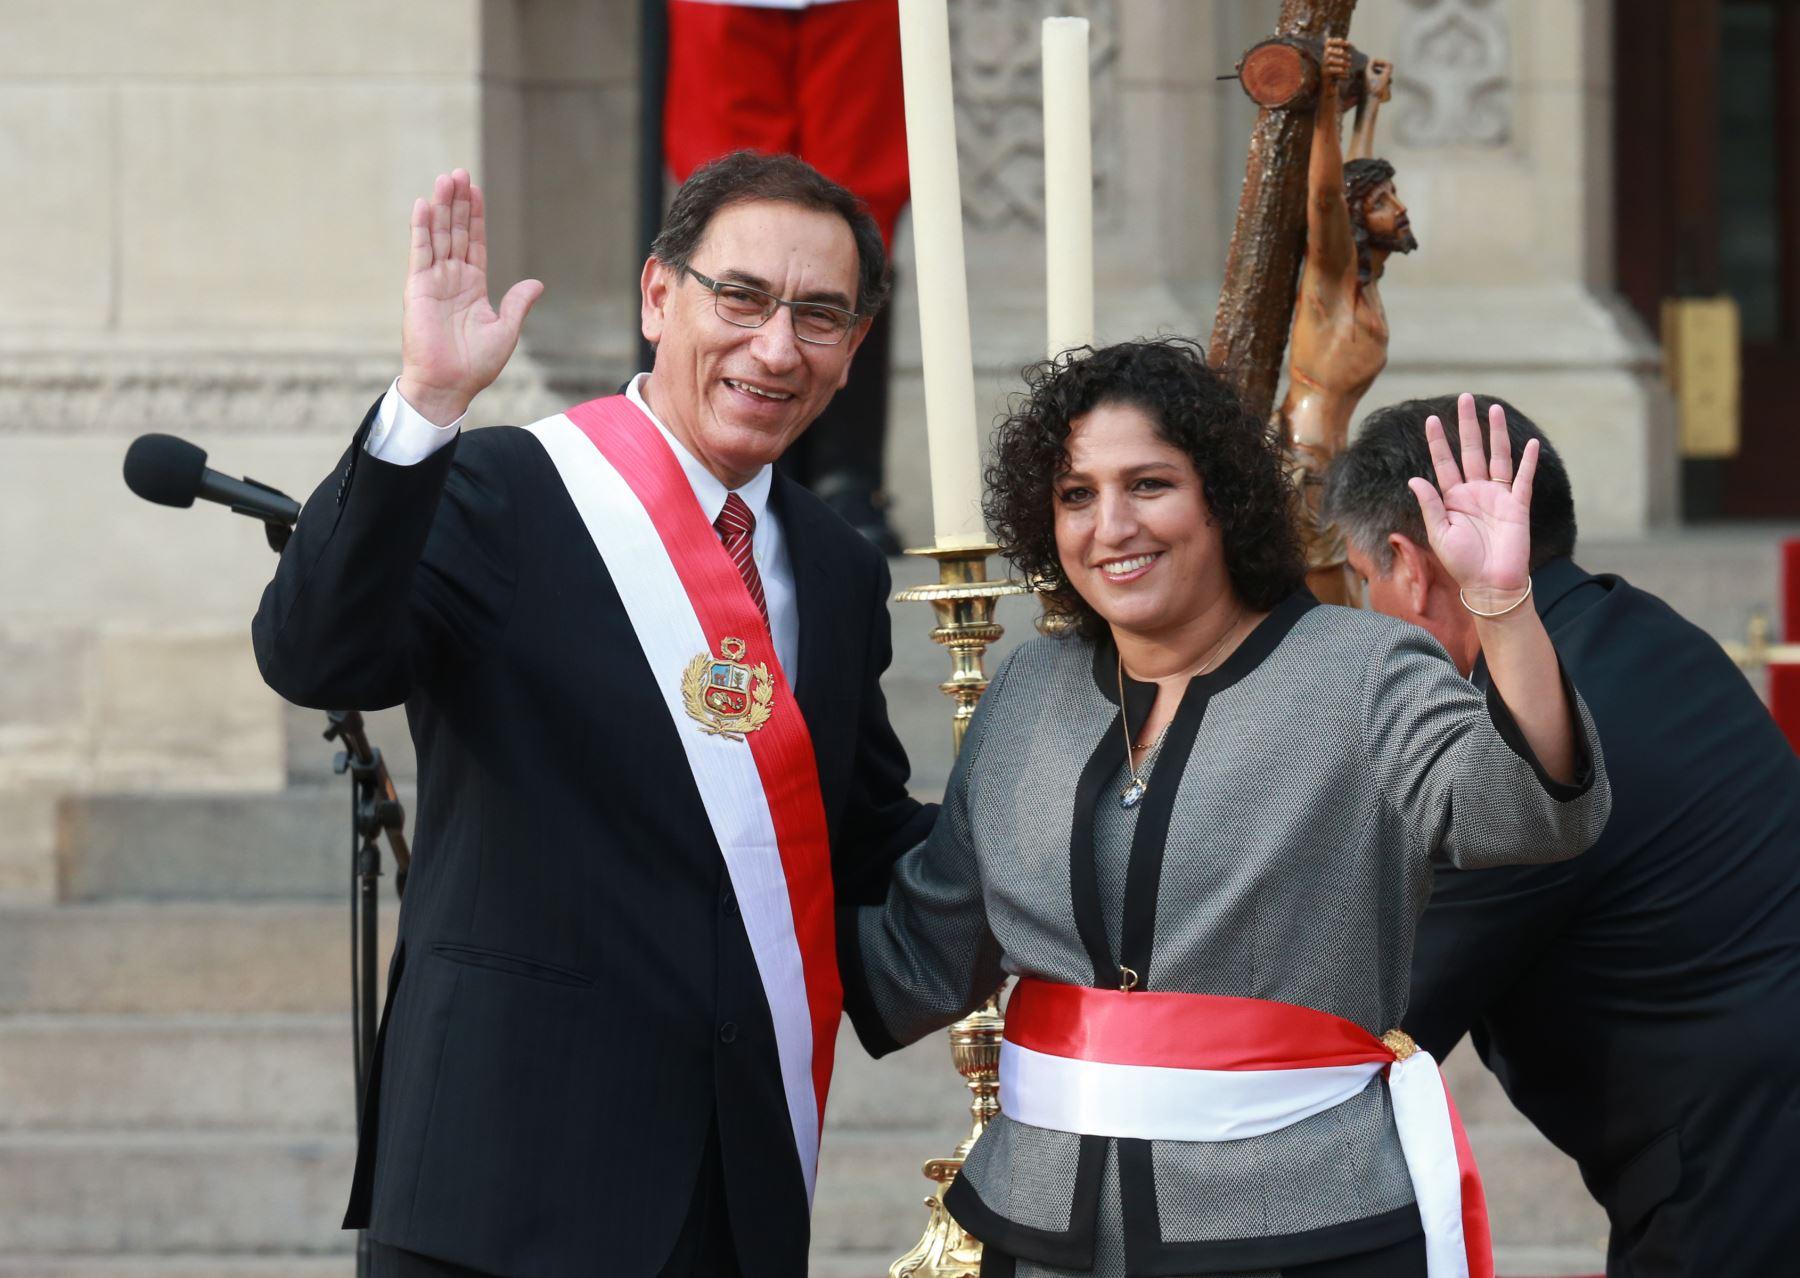 El presidente del Perú, Martín Vizcarra, y la flamante ministra del Medio Ambiente, Fabiola Muñoz. Foto: Andina.